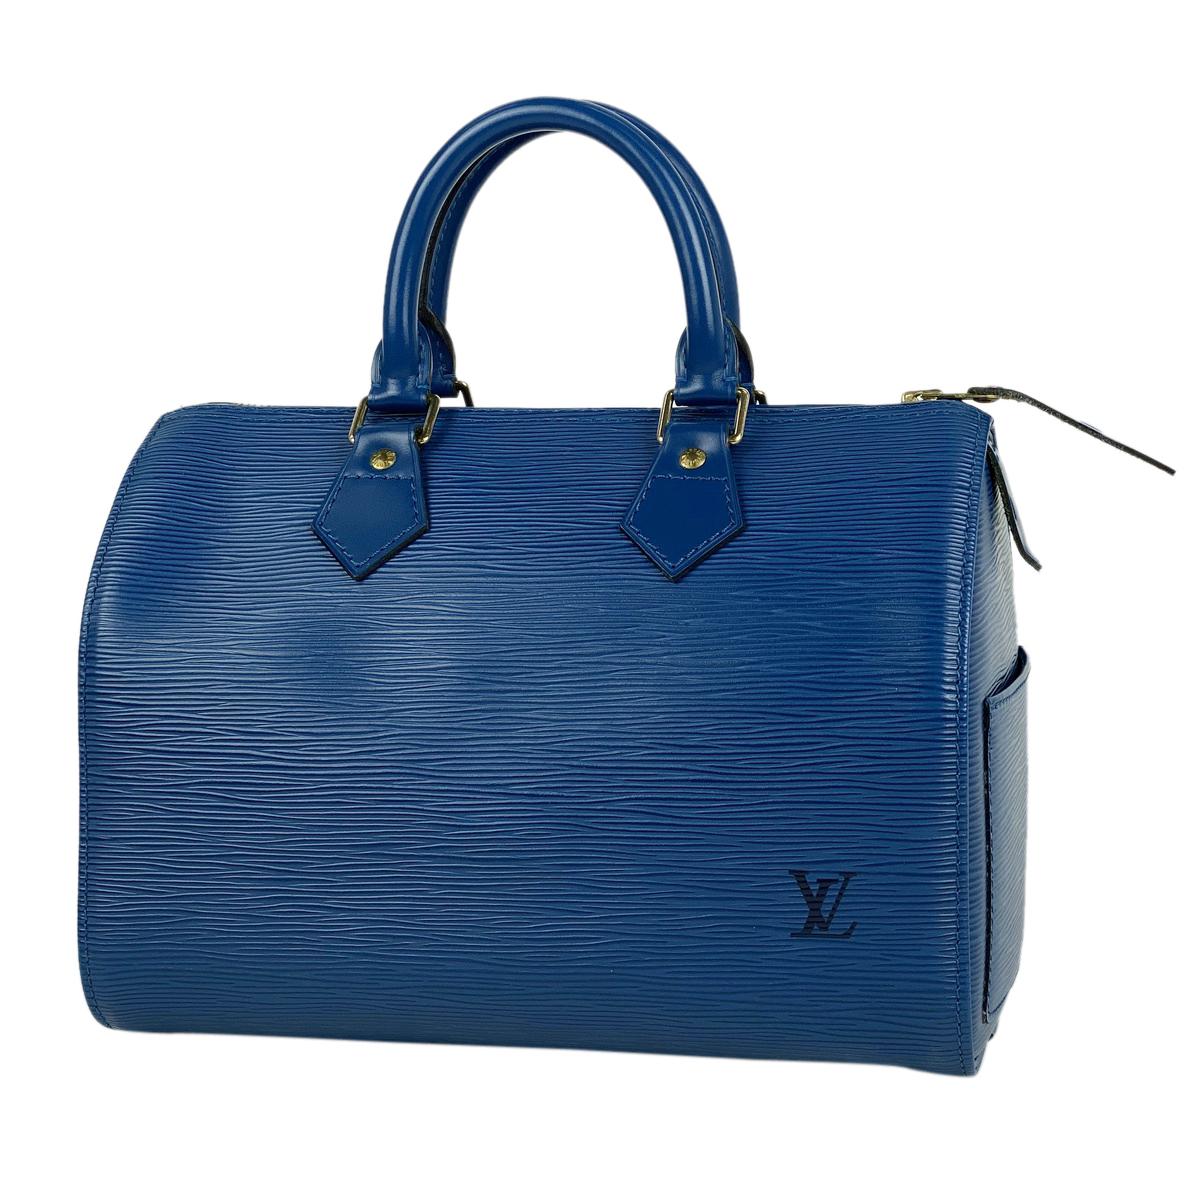 ルイ・ヴィトン Louis Vuitton スピーディ 25 ボストンバッグ 通勤鞄 通学鞄 ハンドバッグ エピ トレドブルー M43015 レディース 【中古】